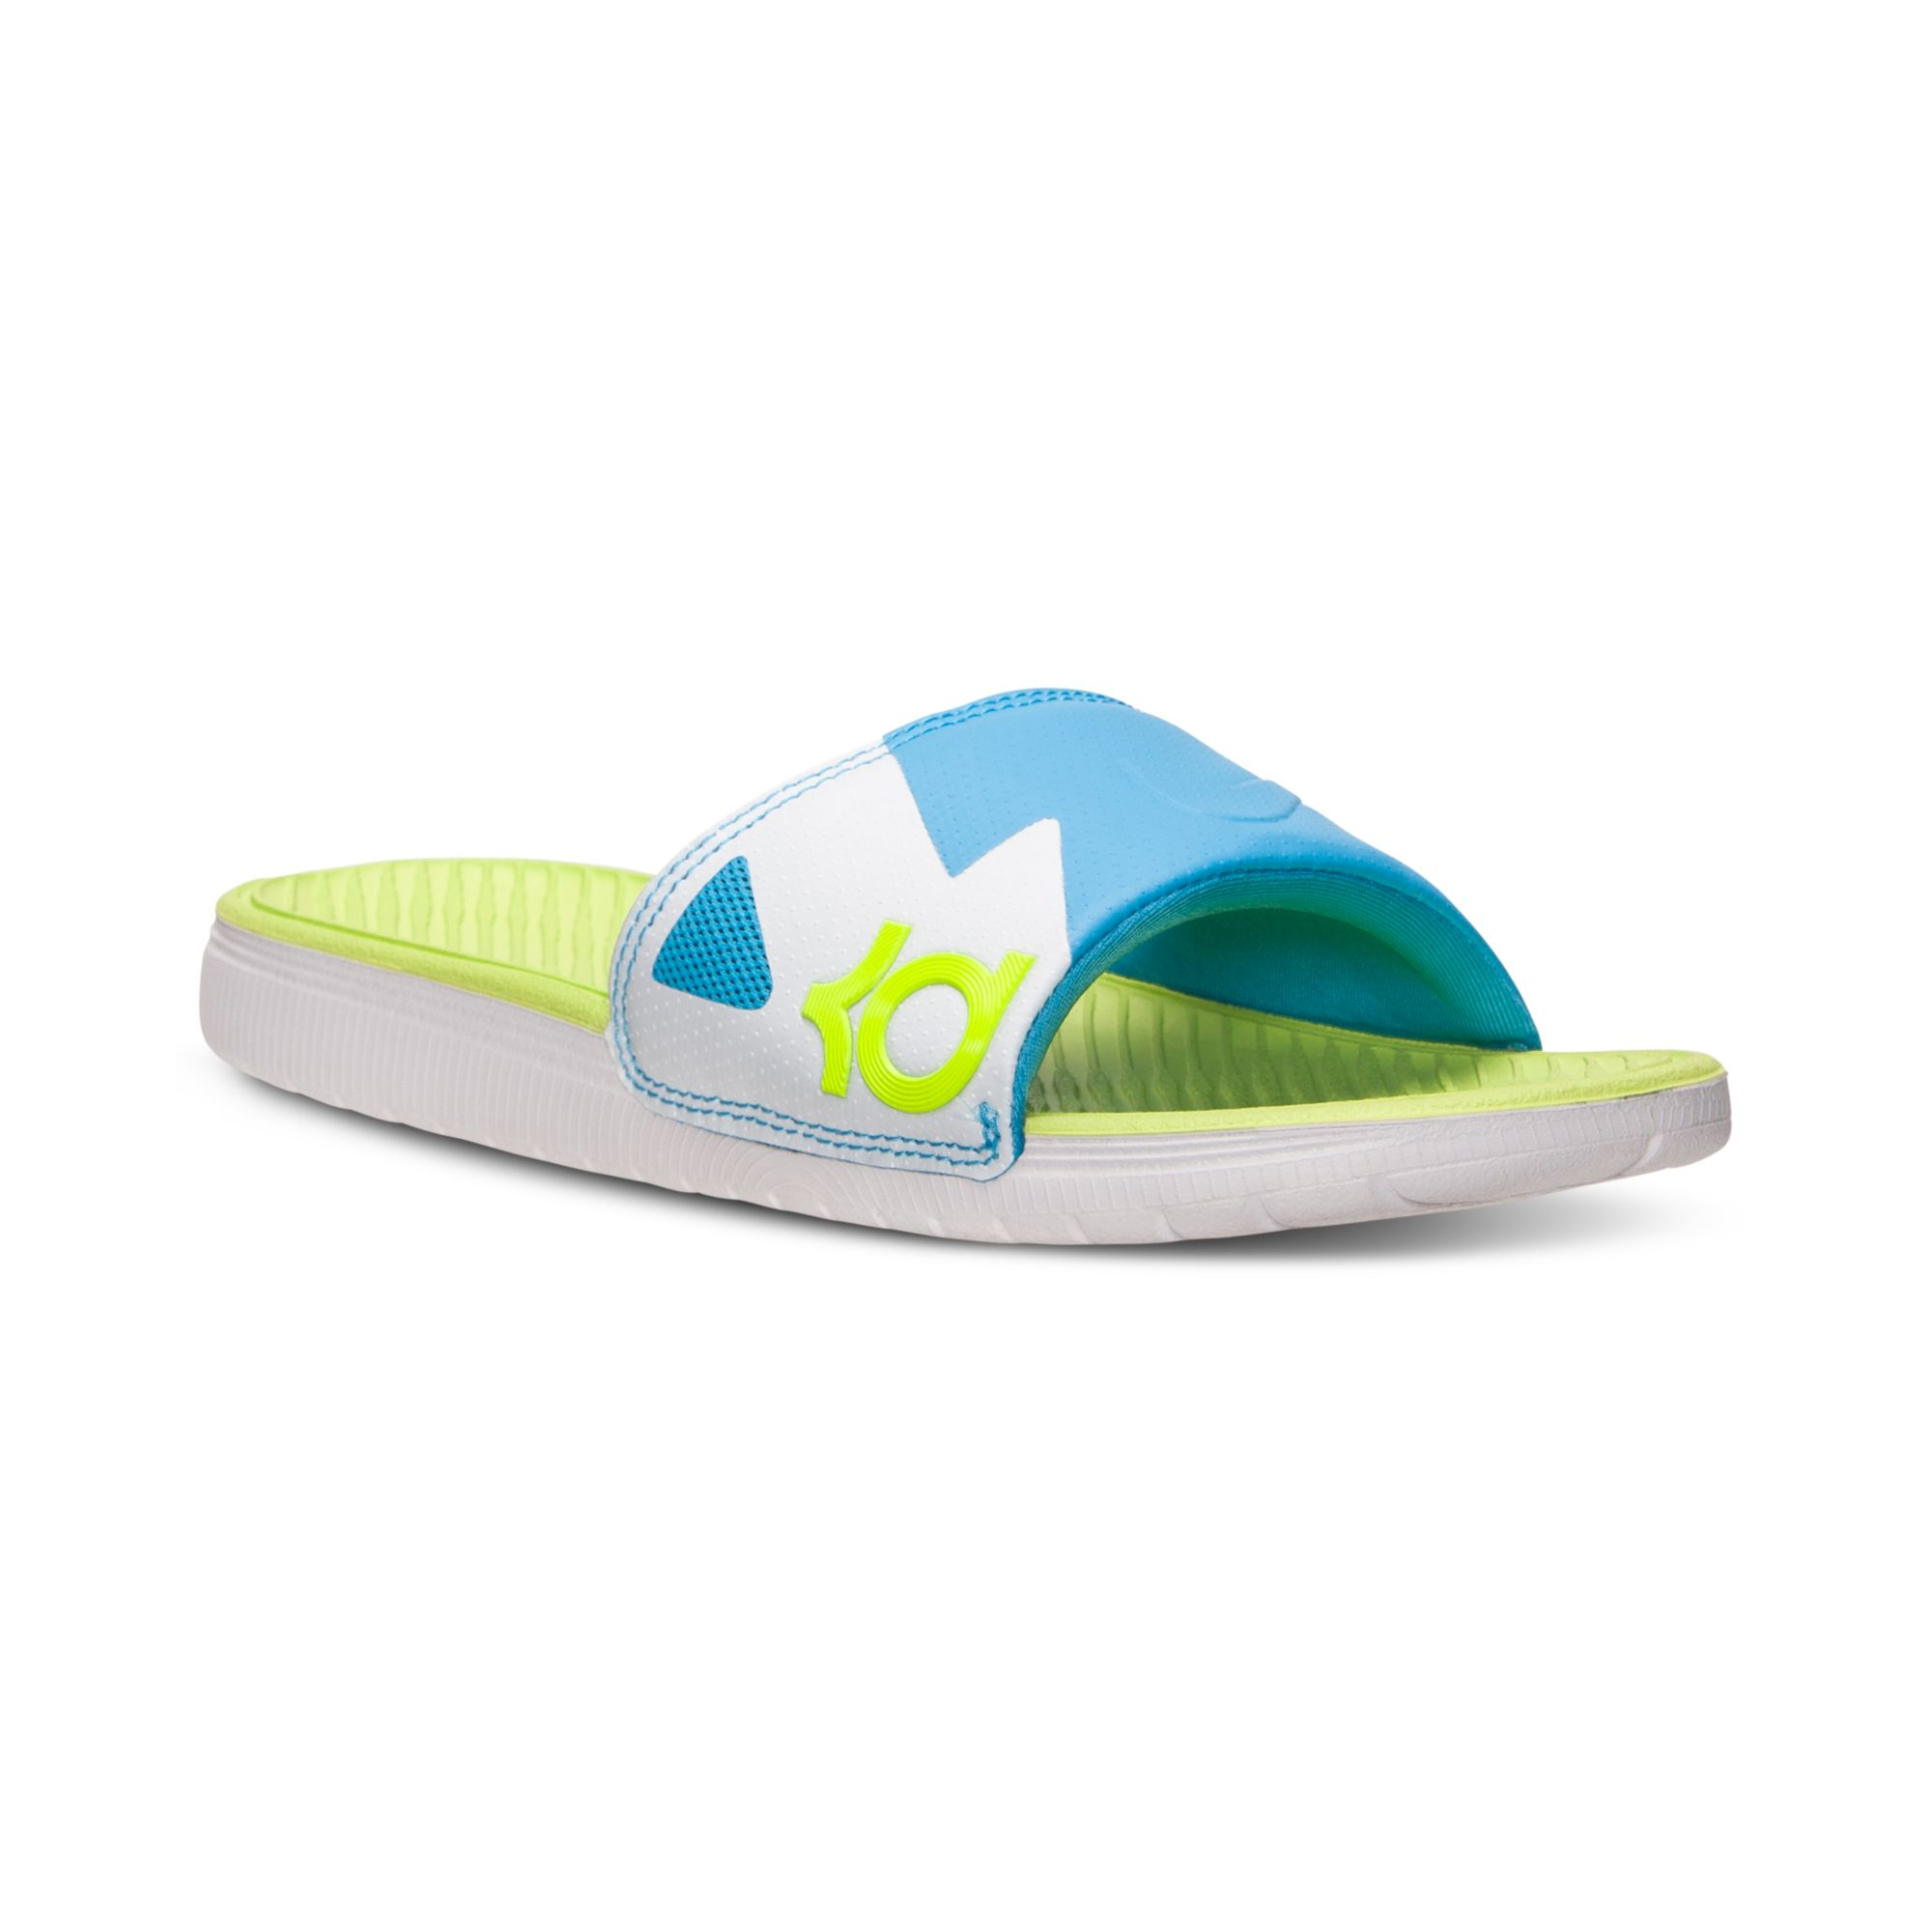 d4be484f722e Lyst - Nike Mens Solarsoft Kd Slide Sandal From Finish Line in Blue ...